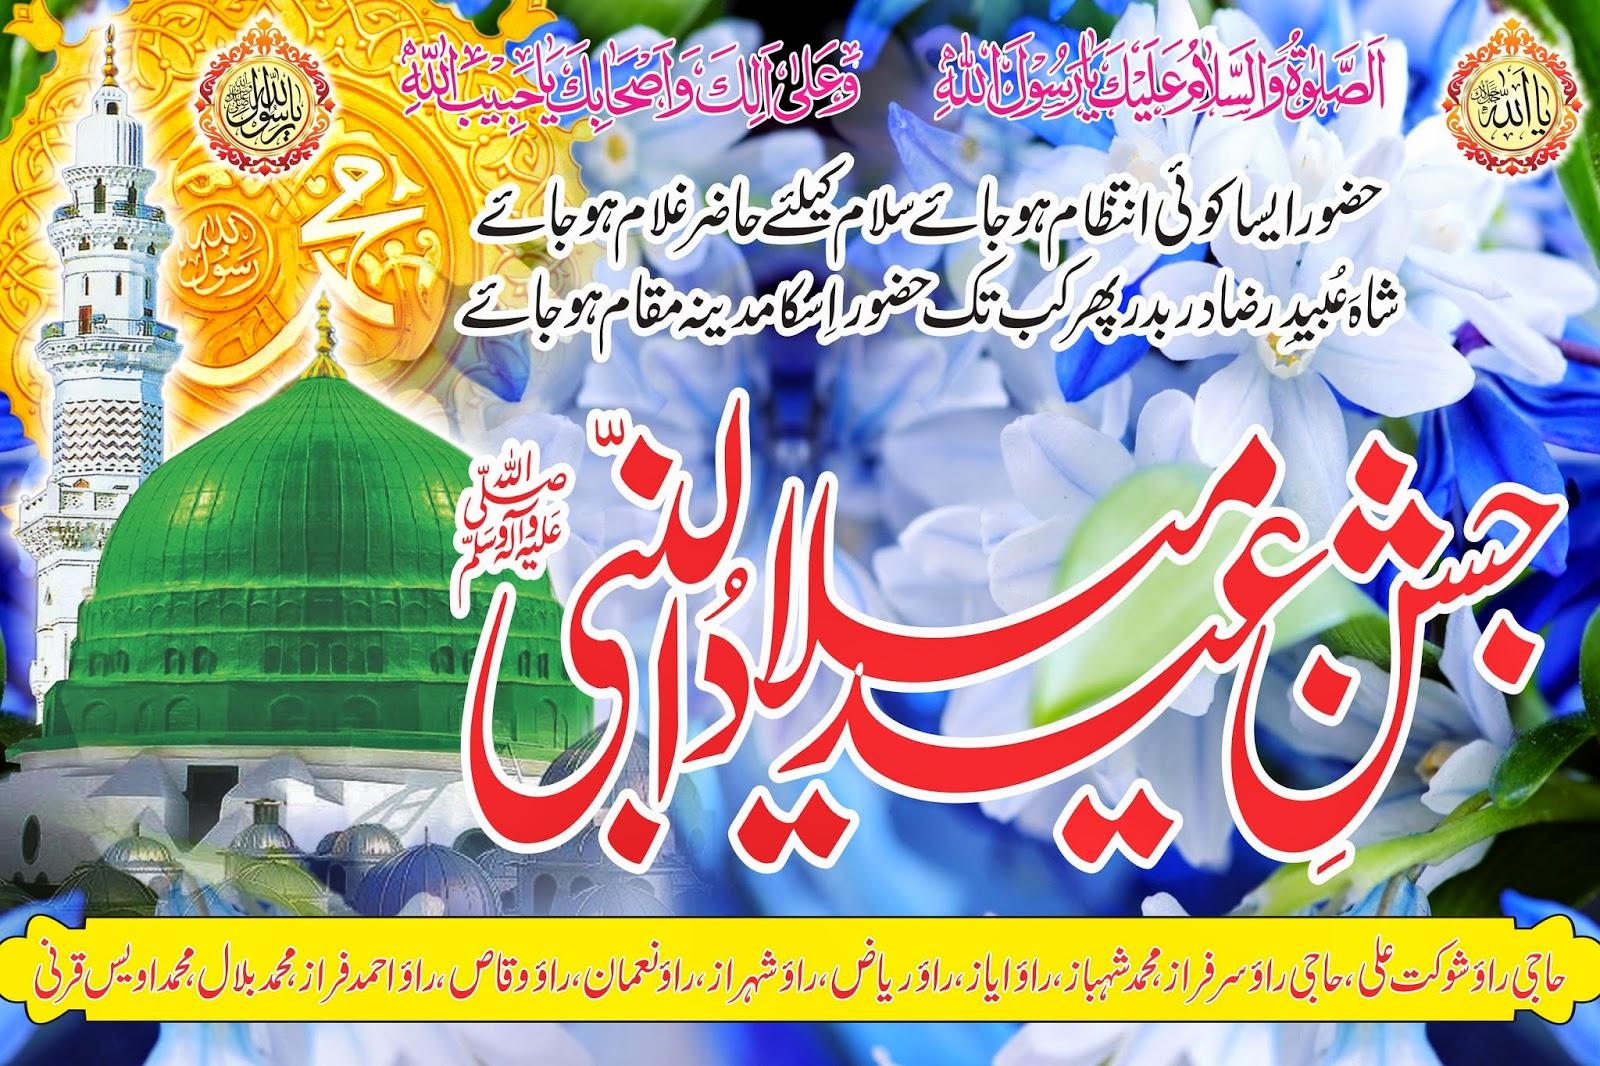 Rabi ul awal design madani graphics for 12 rabi ul awal decoration pictures